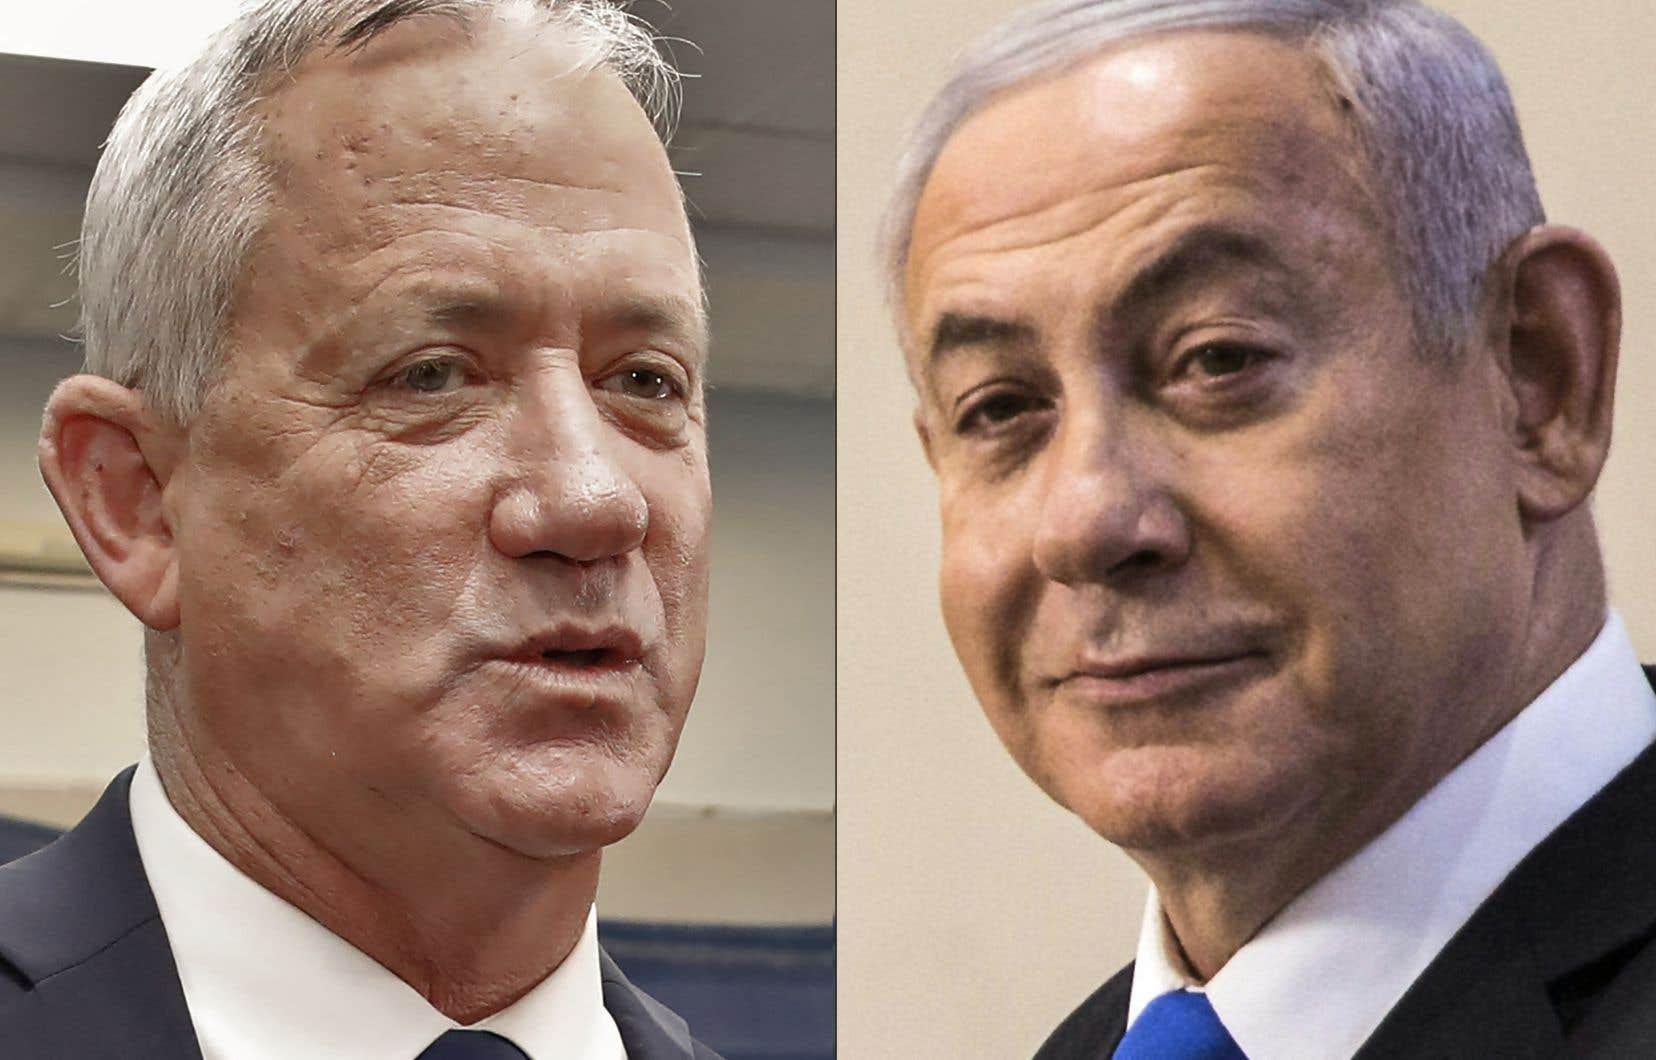 Après plus de 92% des bulletins dépouillés selon les médias israéliens, le parti Likoud de M. Nétanyahou (à droite) et la formation centriste Kahol Lavan («bleu-blanc») de M.Gantz obtiennent chacun 32 sièges sur les 120 de la Knesset, le Parlement, et ne parviennent pas, même avec leurs alliés respectifs, à franchir le seuil des 61 députés pour obtenir une majorité.